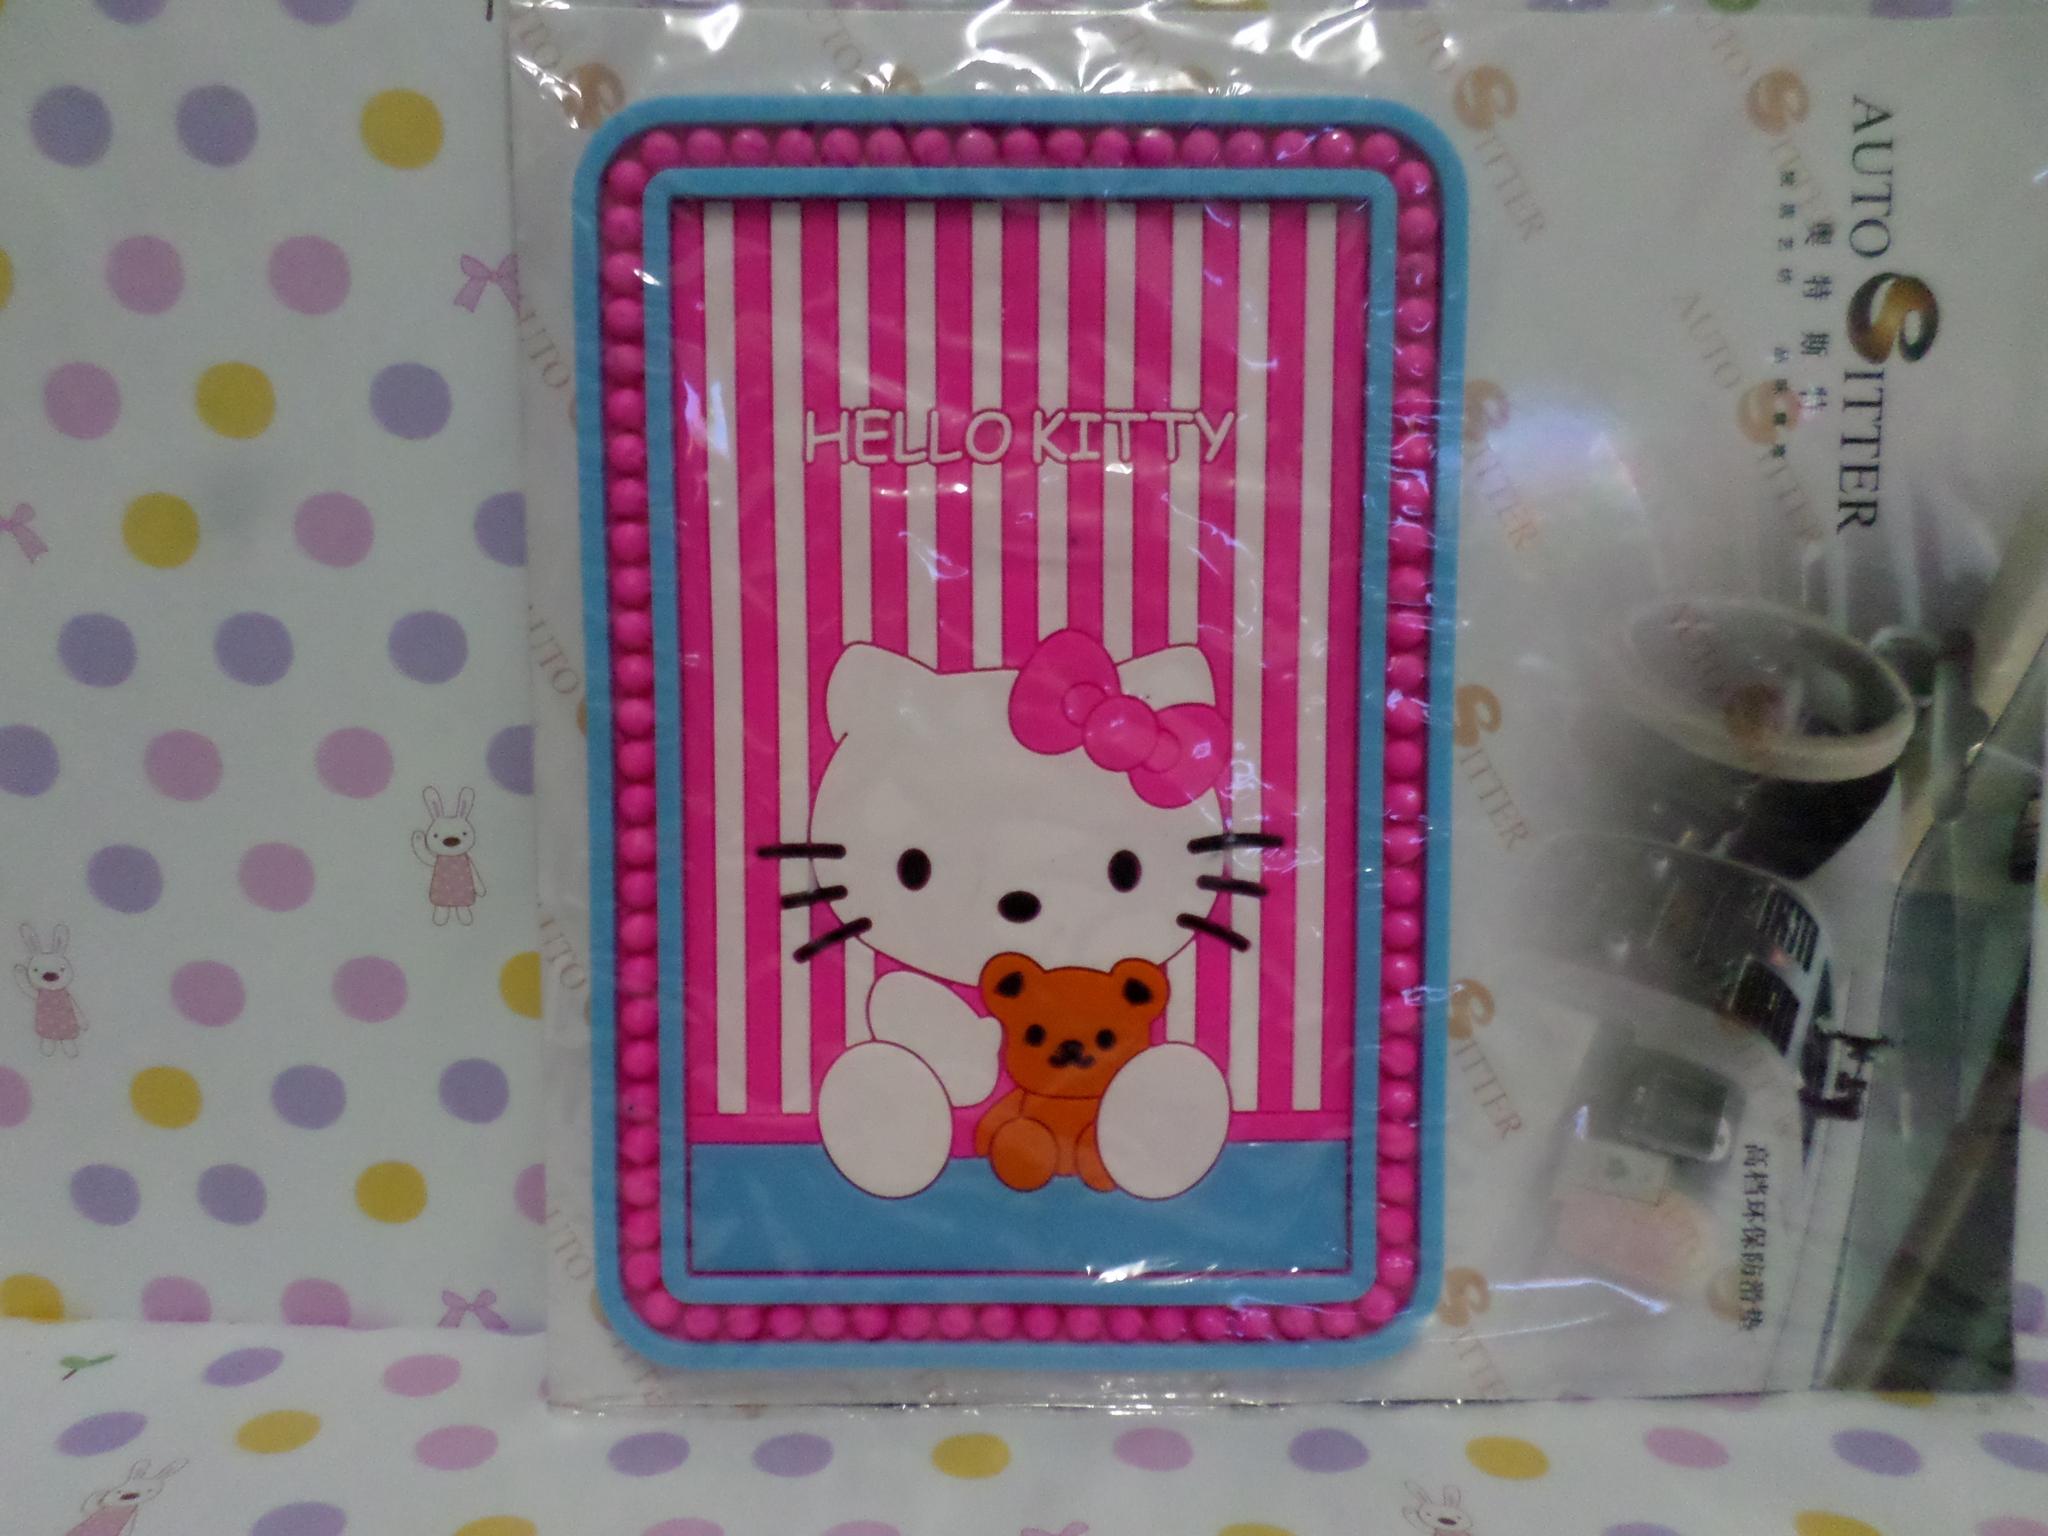 แผ่นยางกันลื่นวางในรถยนต์ ฮัลโหลคิตตี้ Hello Kitty ขนาดยาว 13 ซม.* สูง 19 ซม. สีชมพู ลายคิตตี้หมี